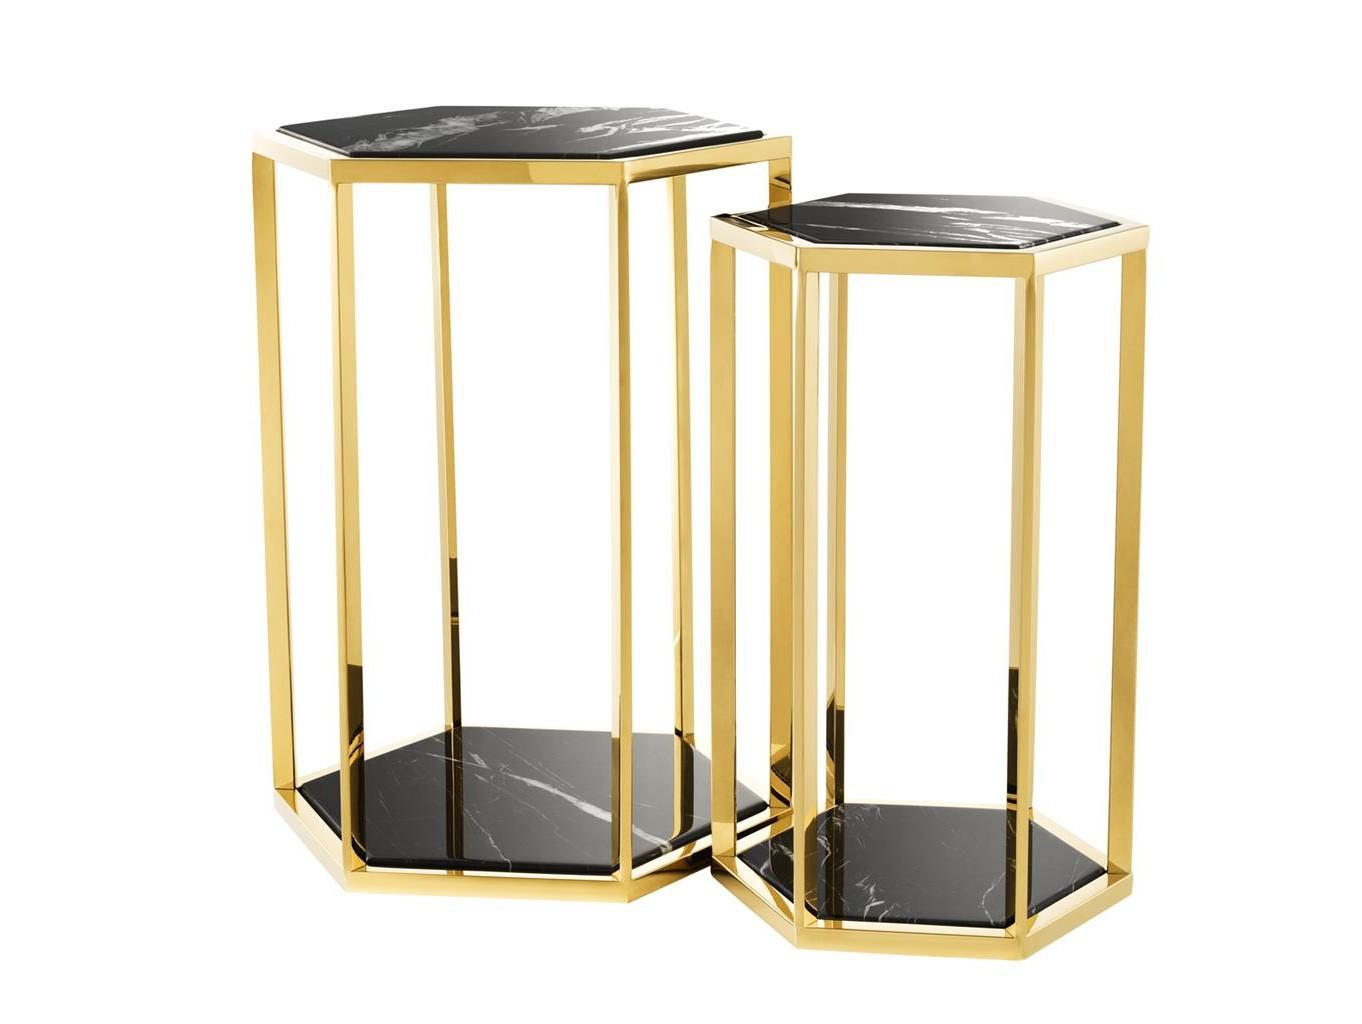 Набор столиков Taro (2 шт)Приставные столики<br>Набор из двух столиков Taro с каркасом из металла золотого цвета.&amp;amp;nbsp;&amp;lt;div&amp;gt;Столешницы из черного мрамора.&amp;amp;nbsp;&amp;lt;/div&amp;gt;&amp;lt;div&amp;gt;&amp;lt;br&amp;gt;&amp;lt;/div&amp;gt;&amp;lt;div&amp;gt;Размеры:&amp;amp;nbsp;&amp;lt;/div&amp;gt;&amp;lt;div&amp;gt;46 x 40 x H. 60,5 cm;&amp;lt;/div&amp;gt;&amp;lt;div&amp;gt;34,5 x 30 x H. 55,5 cm&amp;lt;br&amp;gt;&amp;lt;/div&amp;gt;<br><br>Material: Мрамор